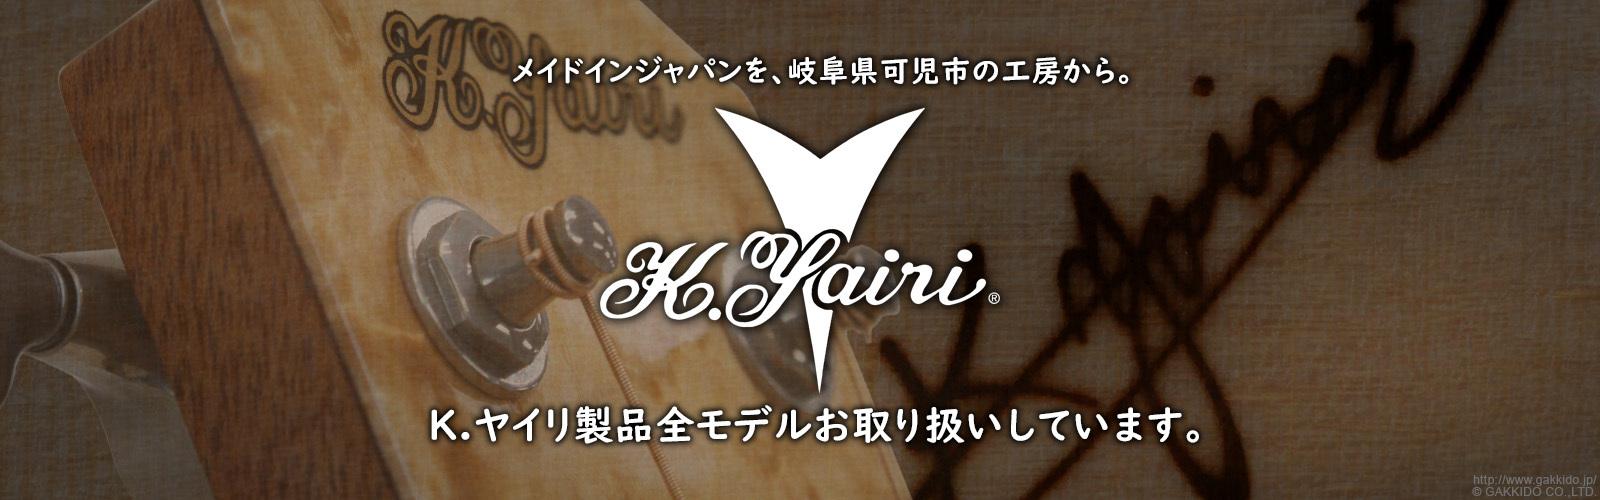 K.Yairi製品全モデルお取り扱いしています。